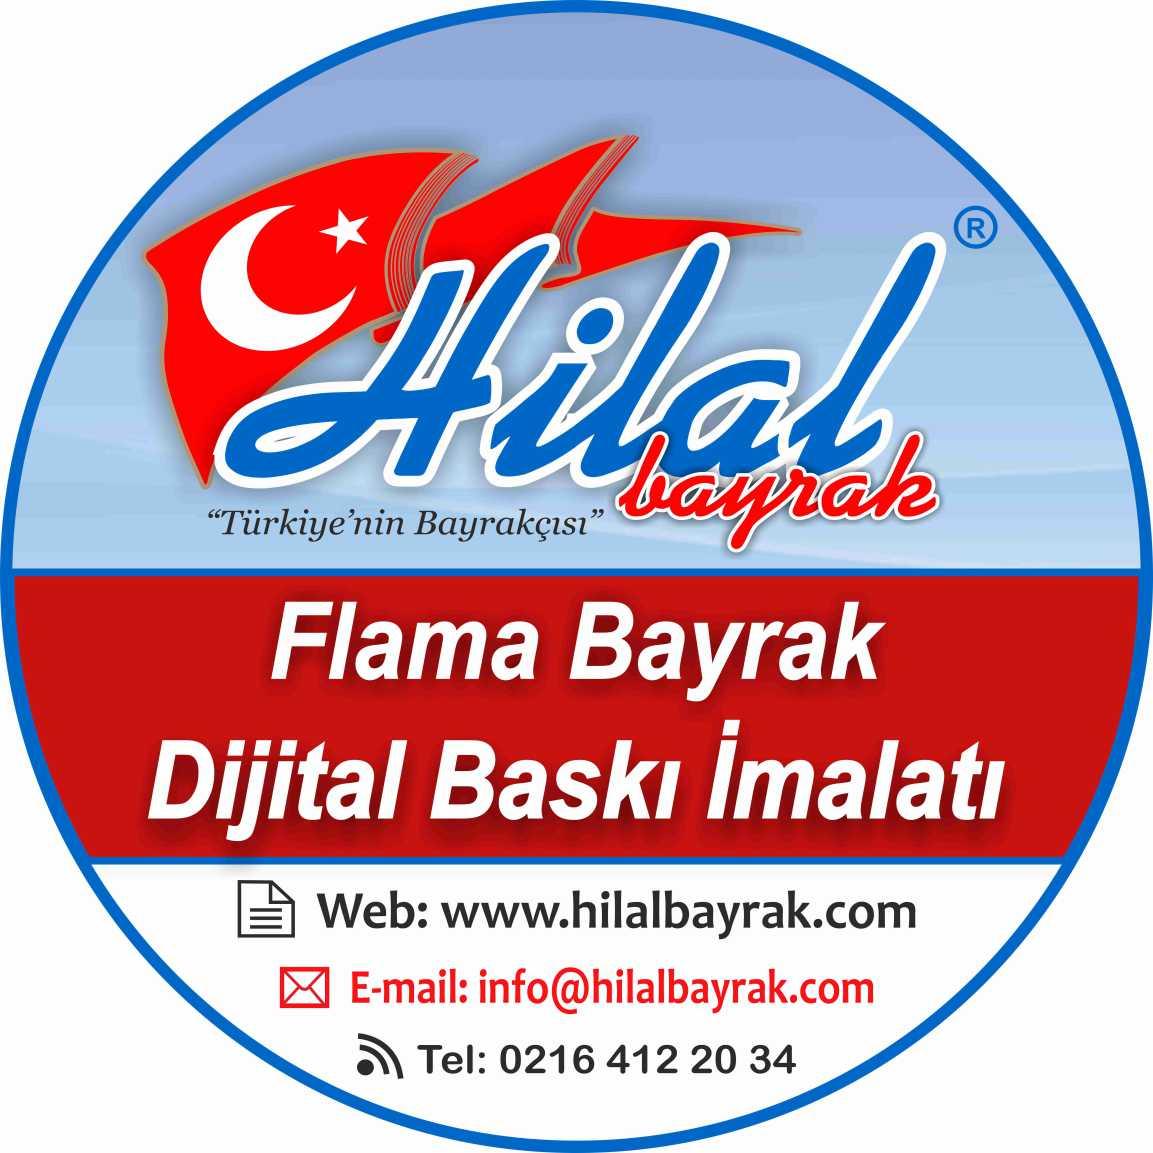 gönder flama bayrak satışı Kadıköy, gönder bayrak, gönder flama bayrak üretimi, gönder bayrak Ümraniye, gönder bayrak imalatı, gönder türk bayrağı, gönder bayrakları, bayrak satışı ACİL 7 24 HİZMET ümraniye